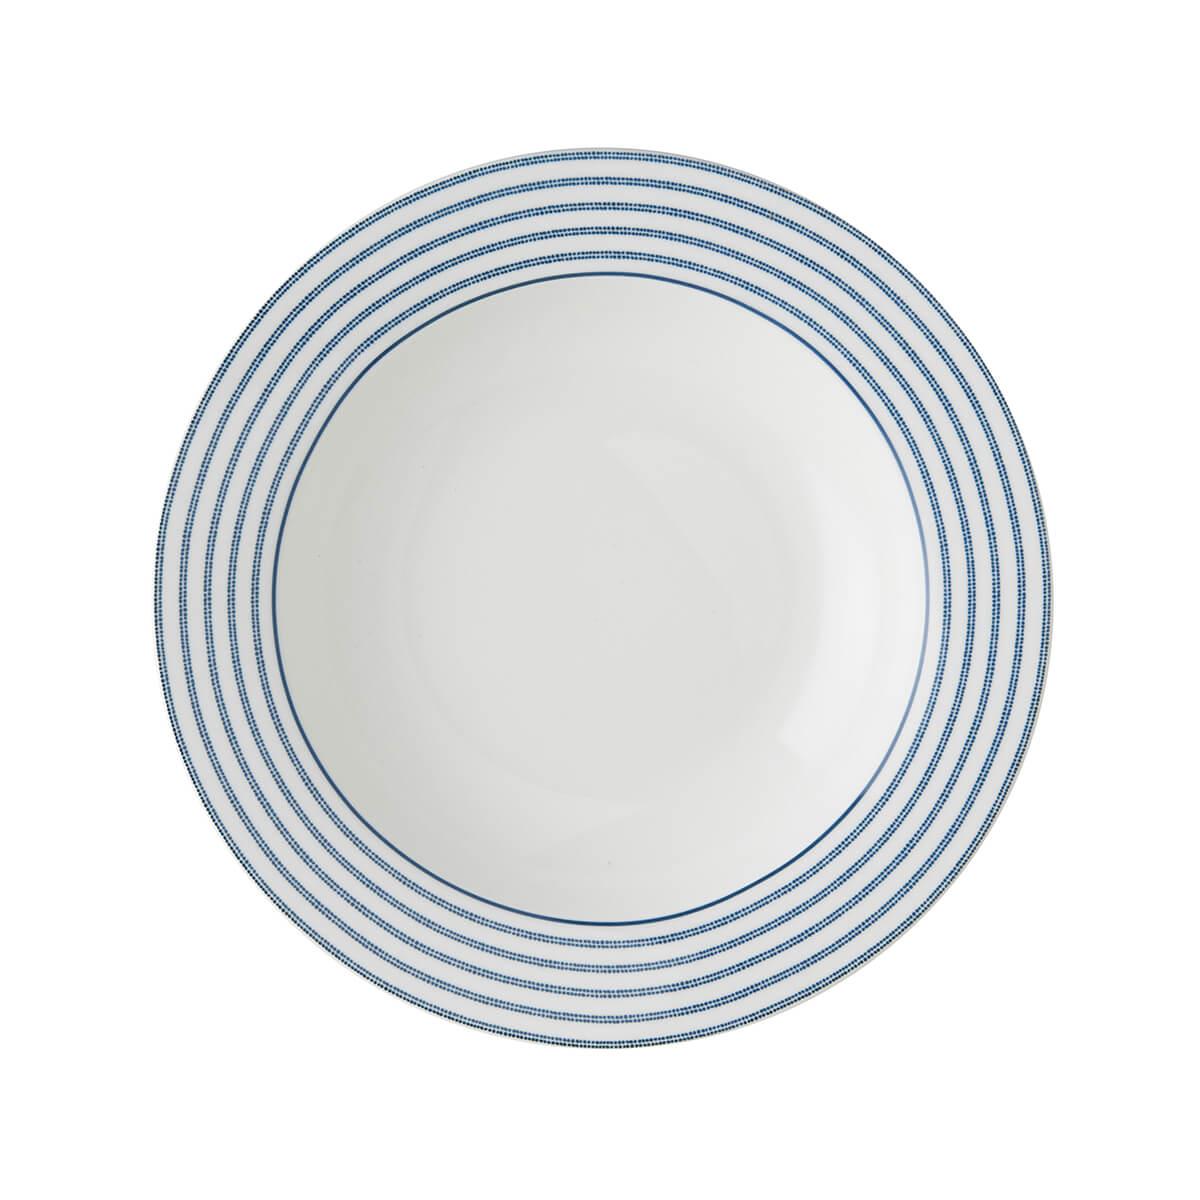 Онлайн каталог PROMENU: Тарелка глубокая фарфоровая Laura Ashley BLUEPRINT, 22 см, белый в синюю полоску                               178270